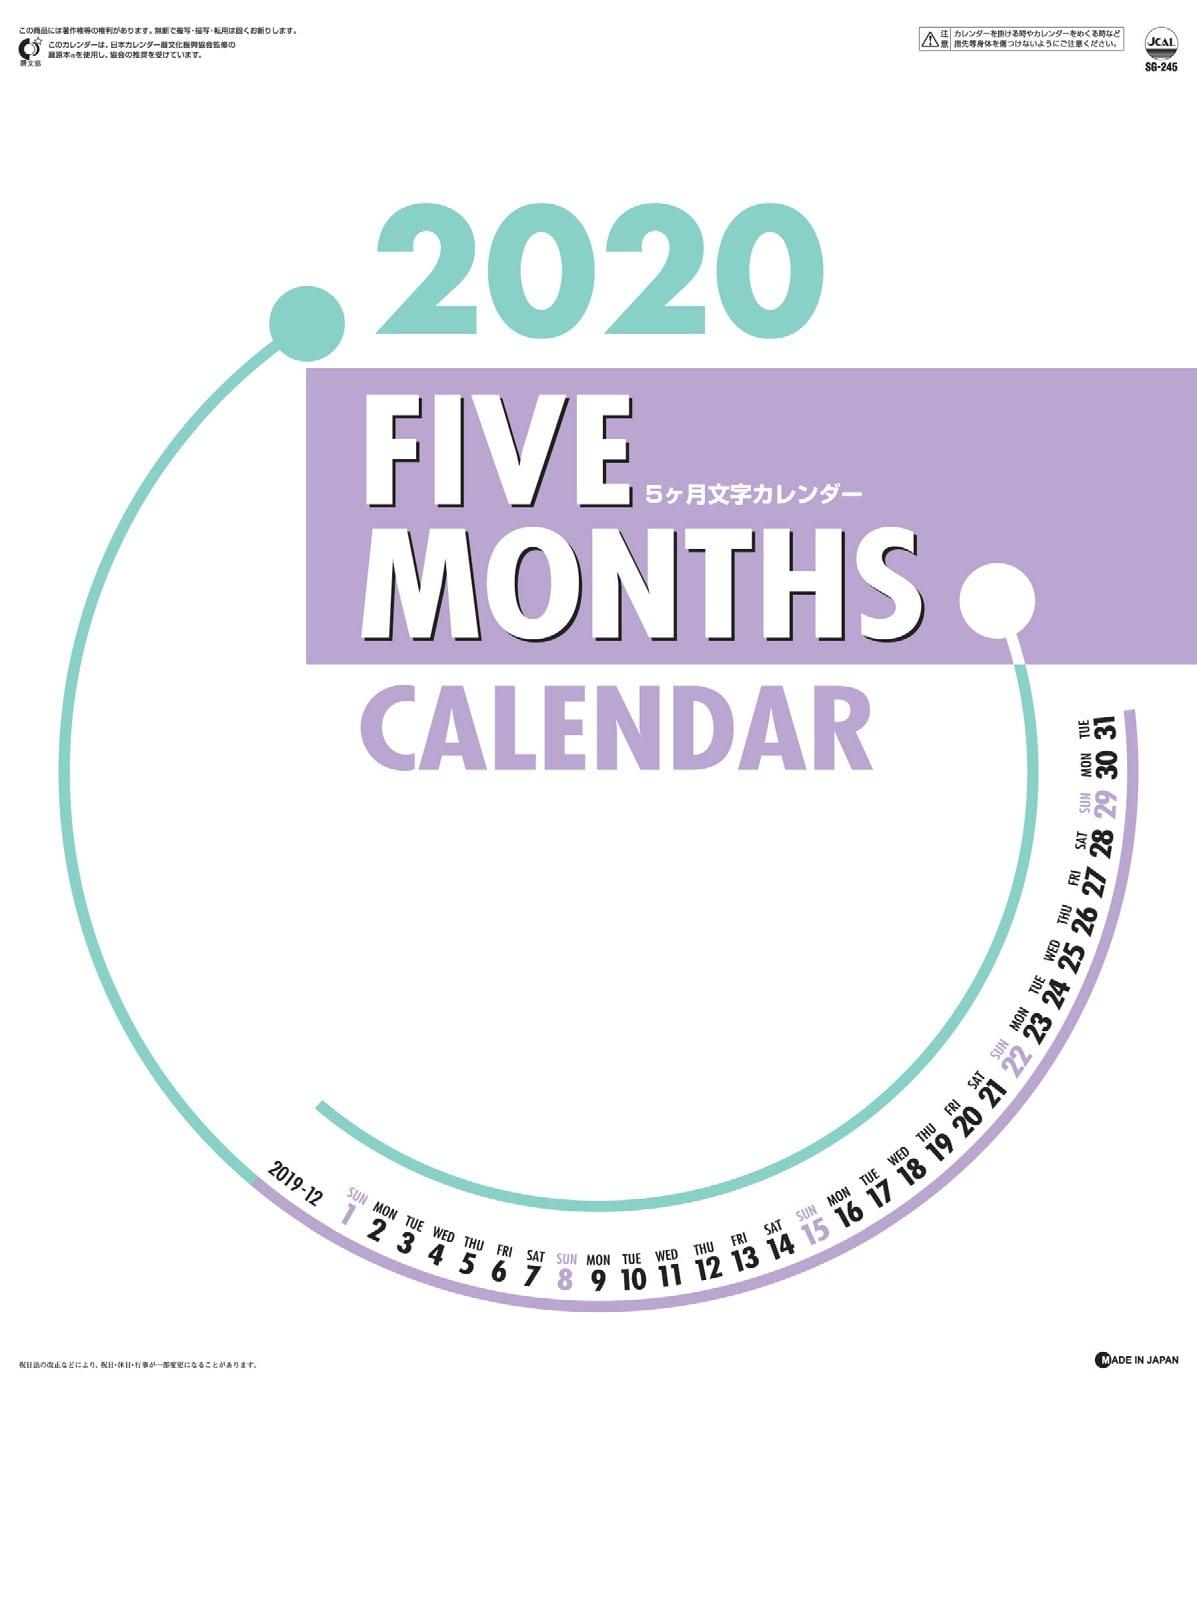 ファイブマンス文字 2020年カレンダー